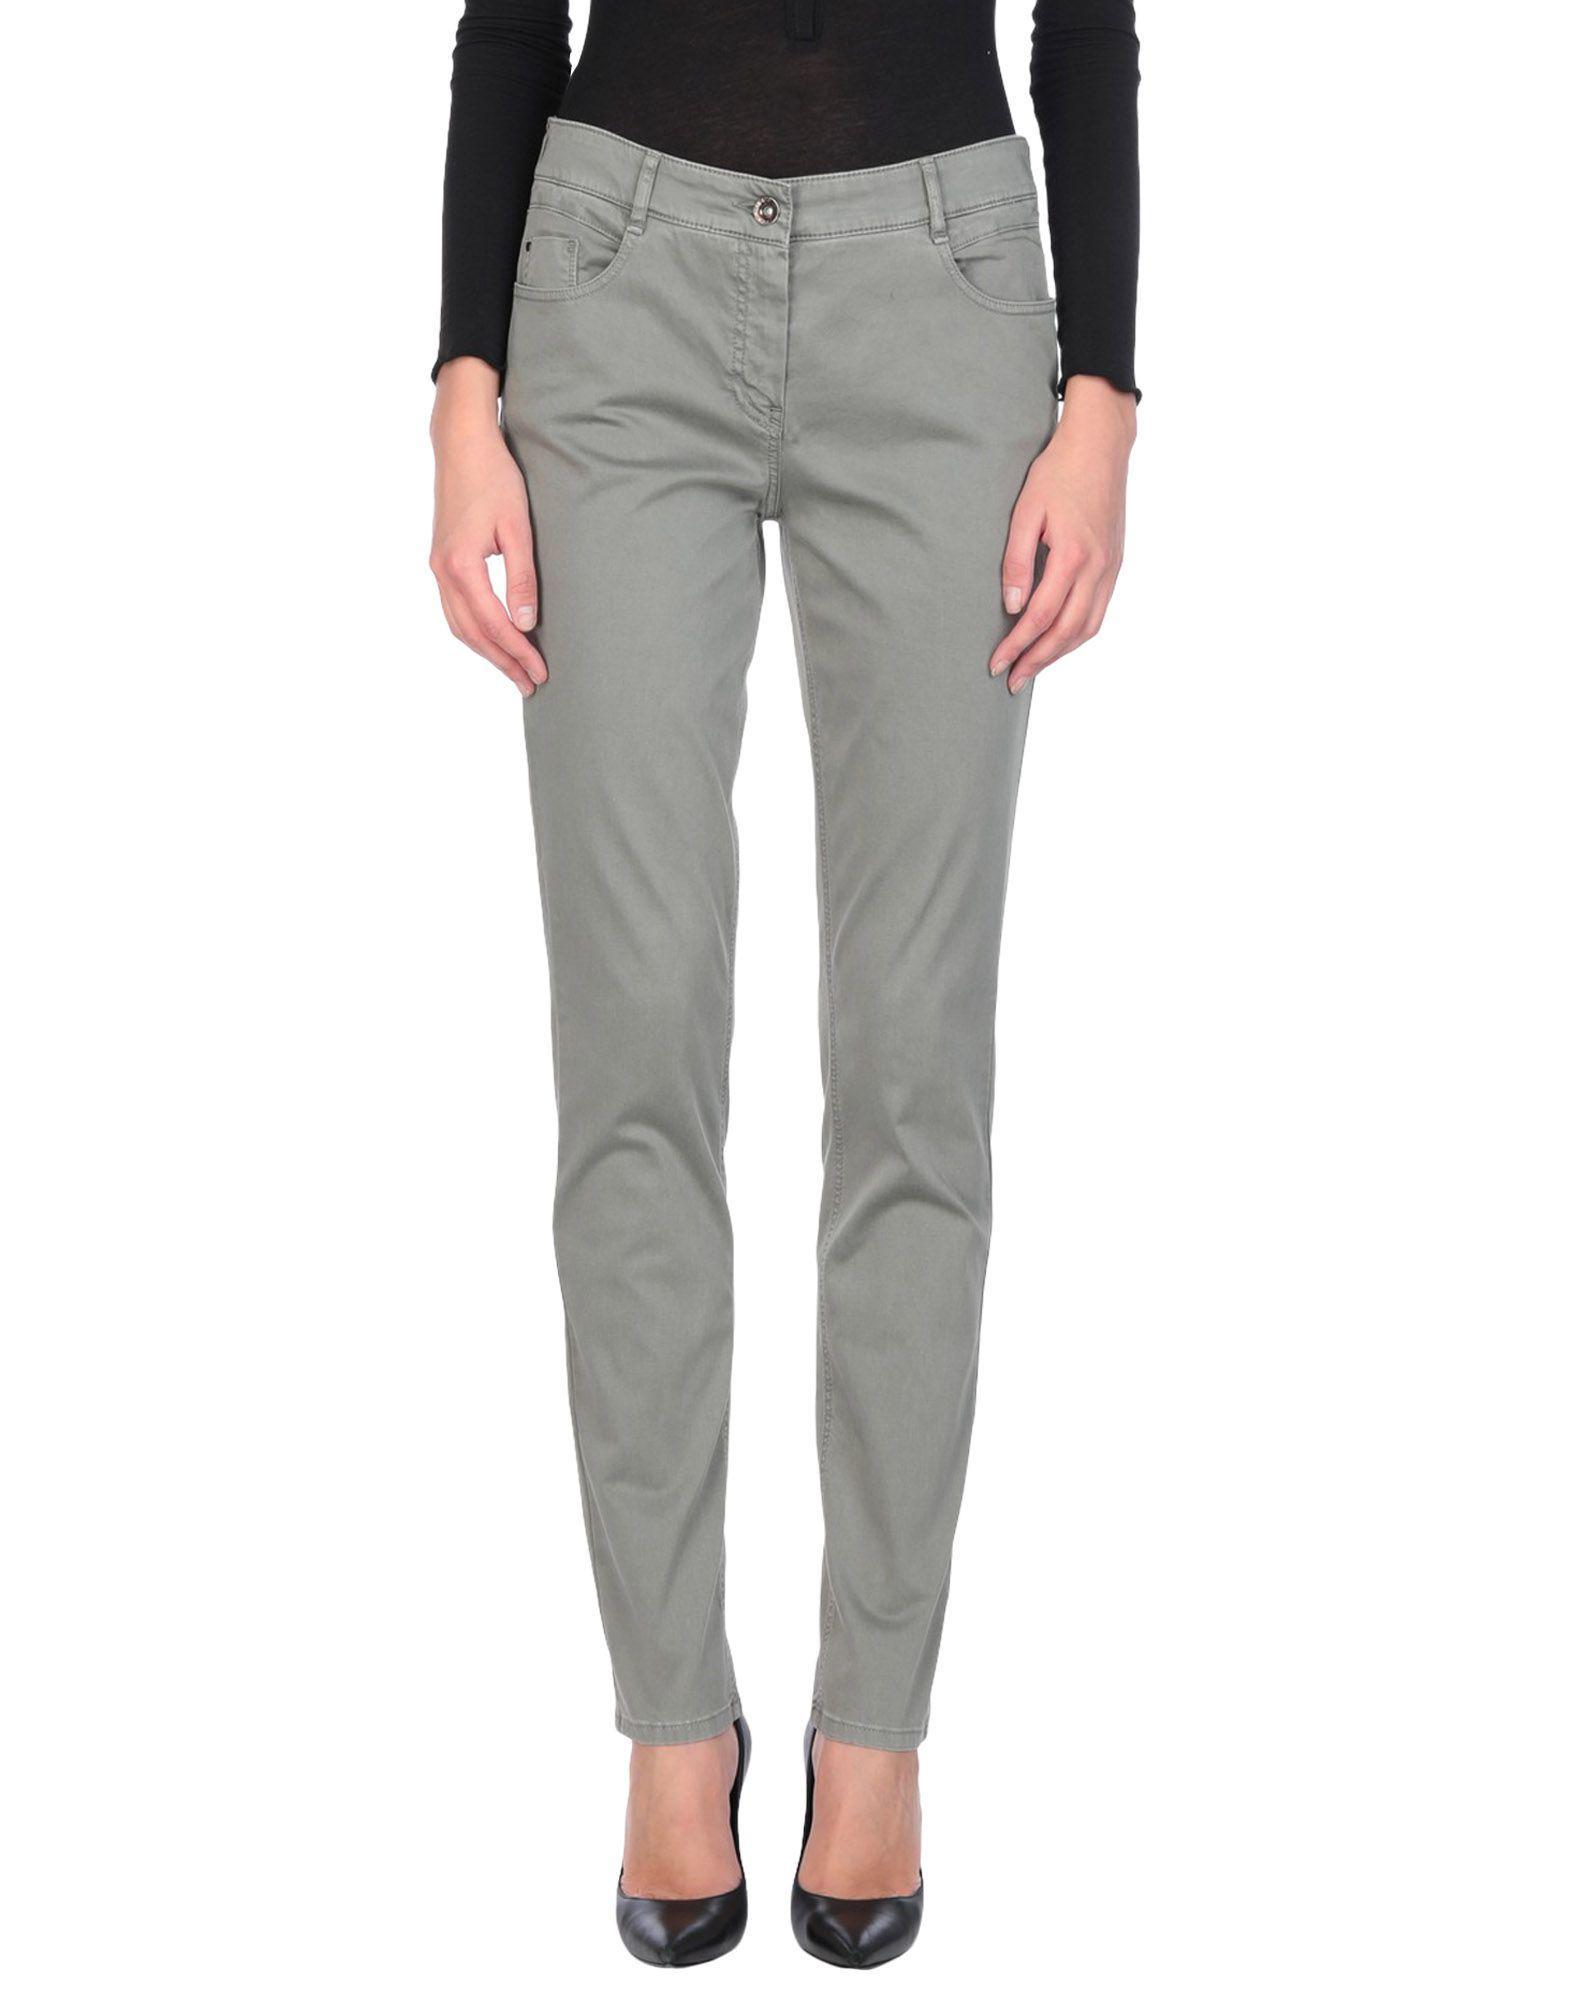 Повседневные брюки  Белый,Серый,Синий цвета